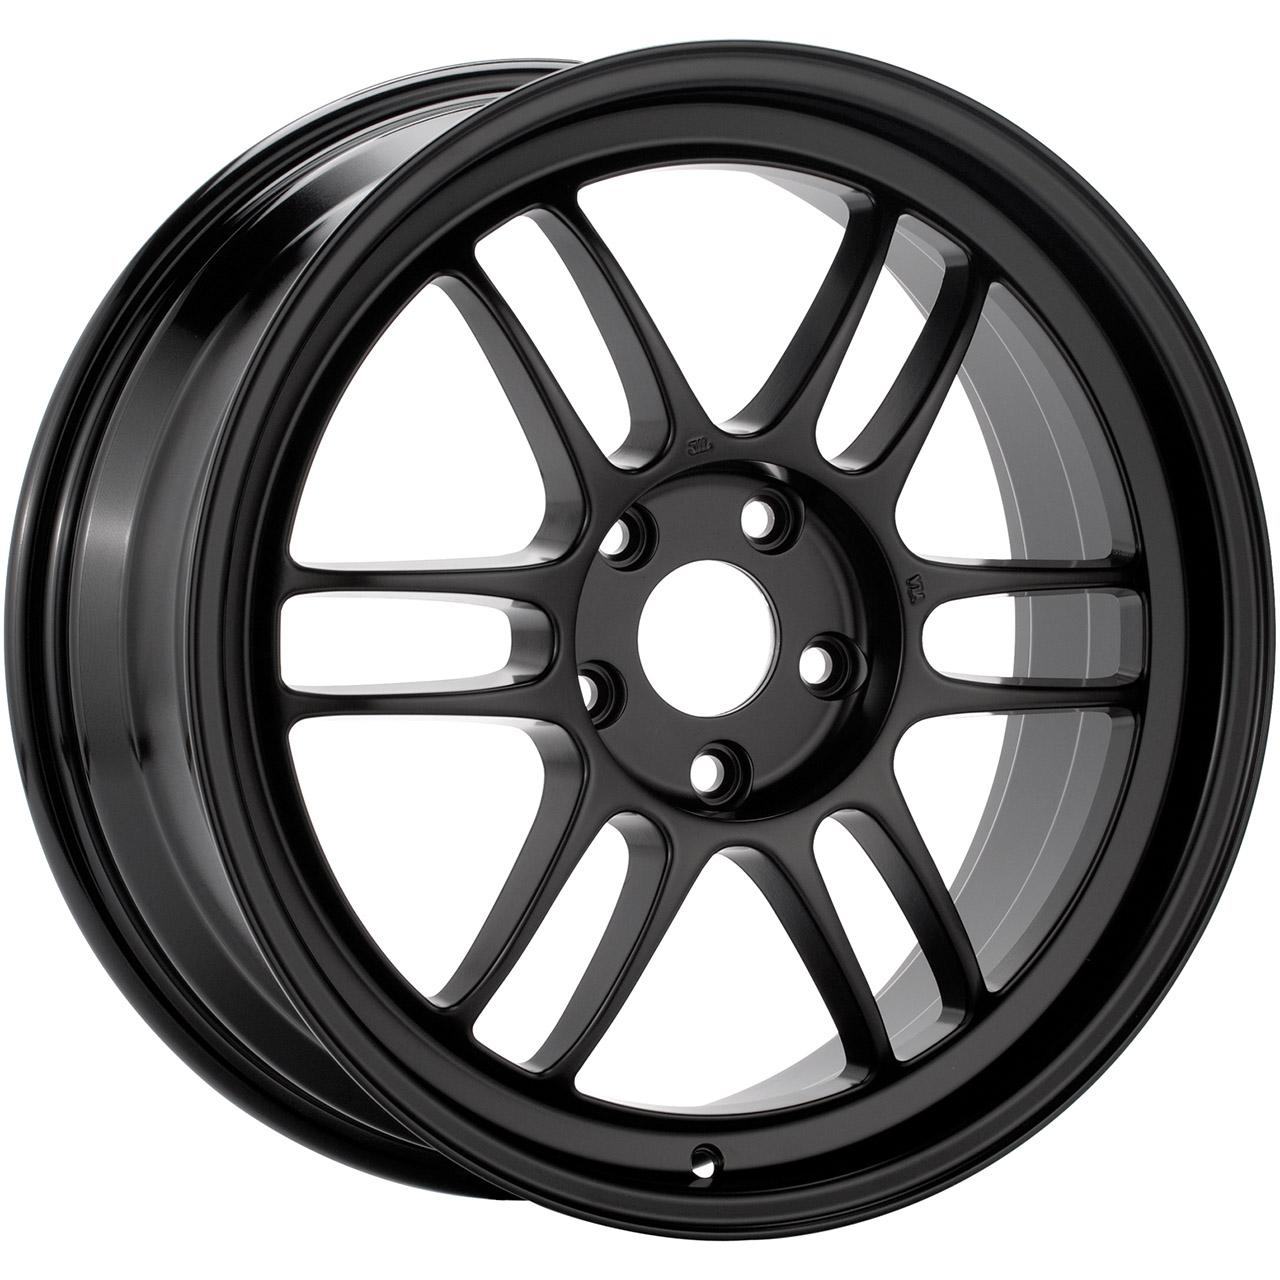 enkei wheels oakos automotive 05 WRX Wagon enkei rpf1 staggered bo 17x8 45 17x9 45 5x114 3